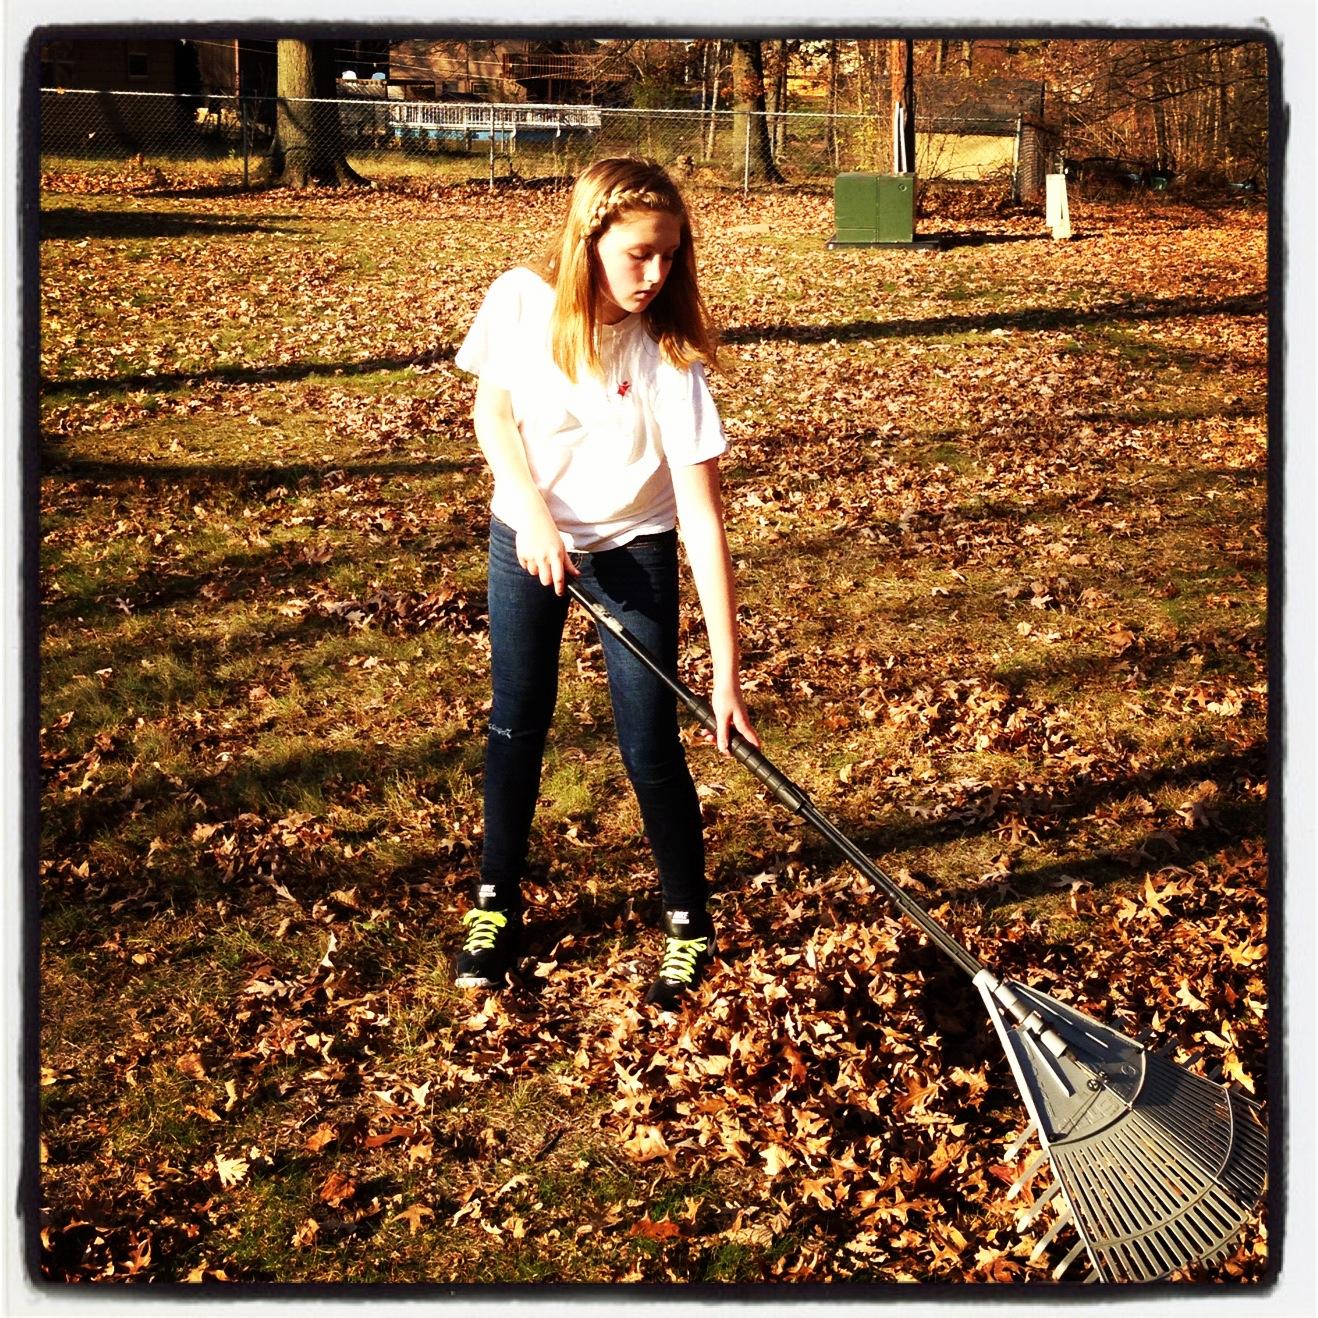 Raking Leaves To Help A Neighbor Impact 52